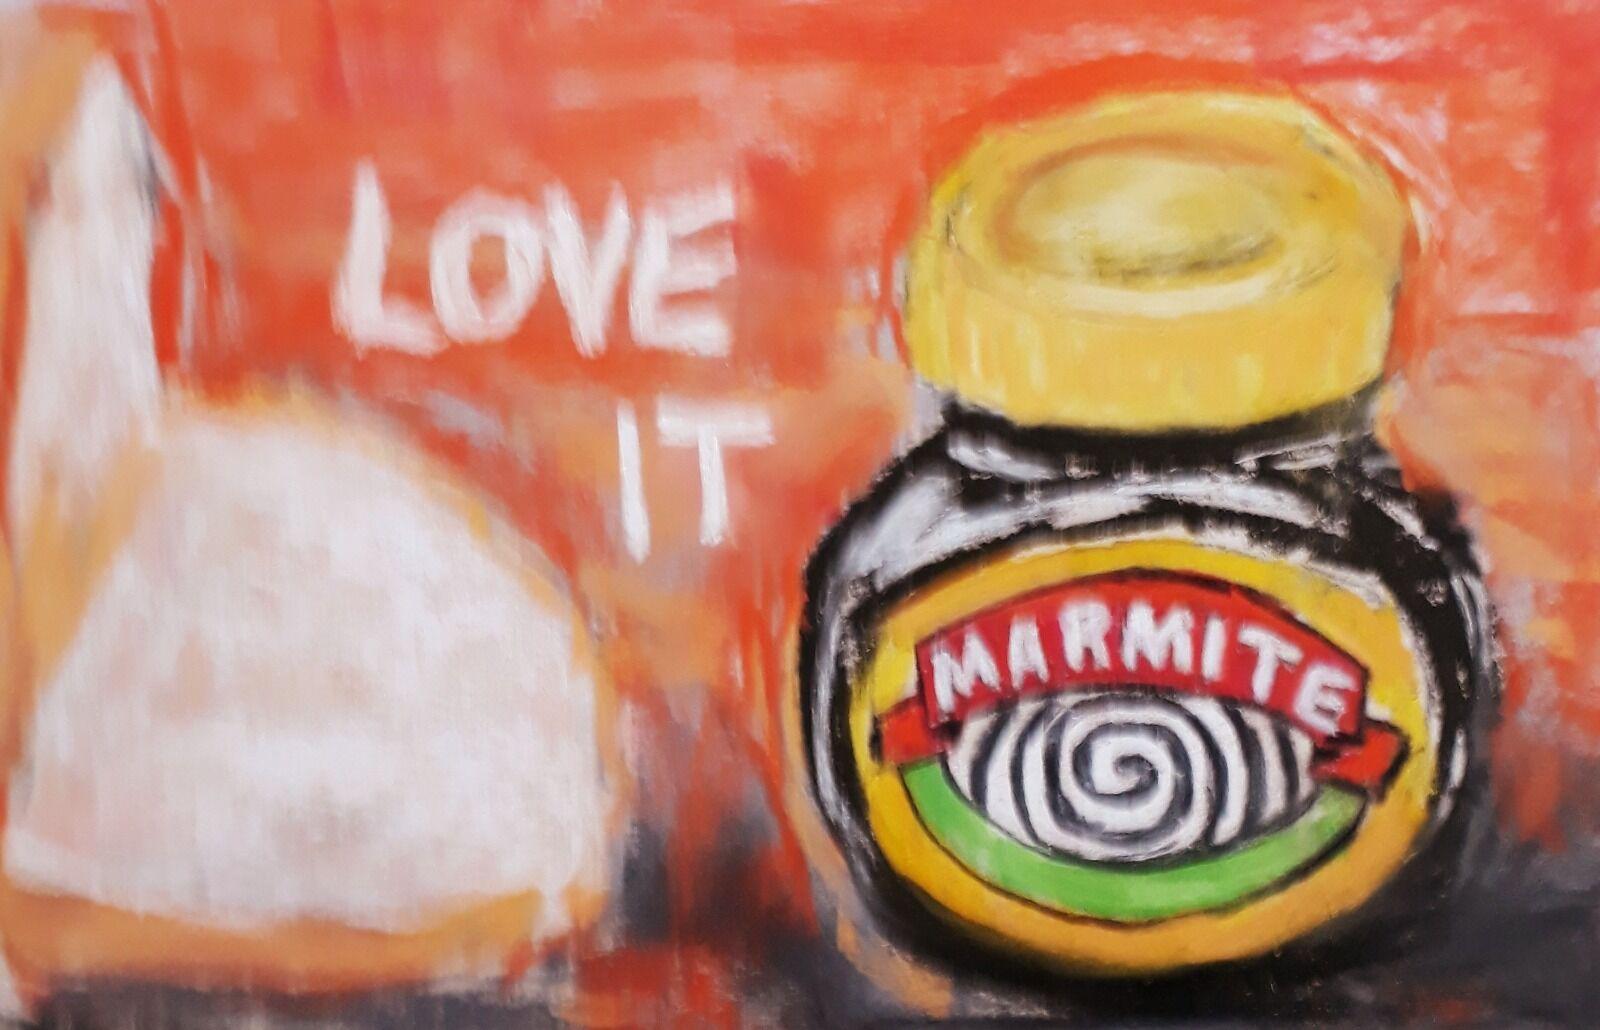 Love Marmite